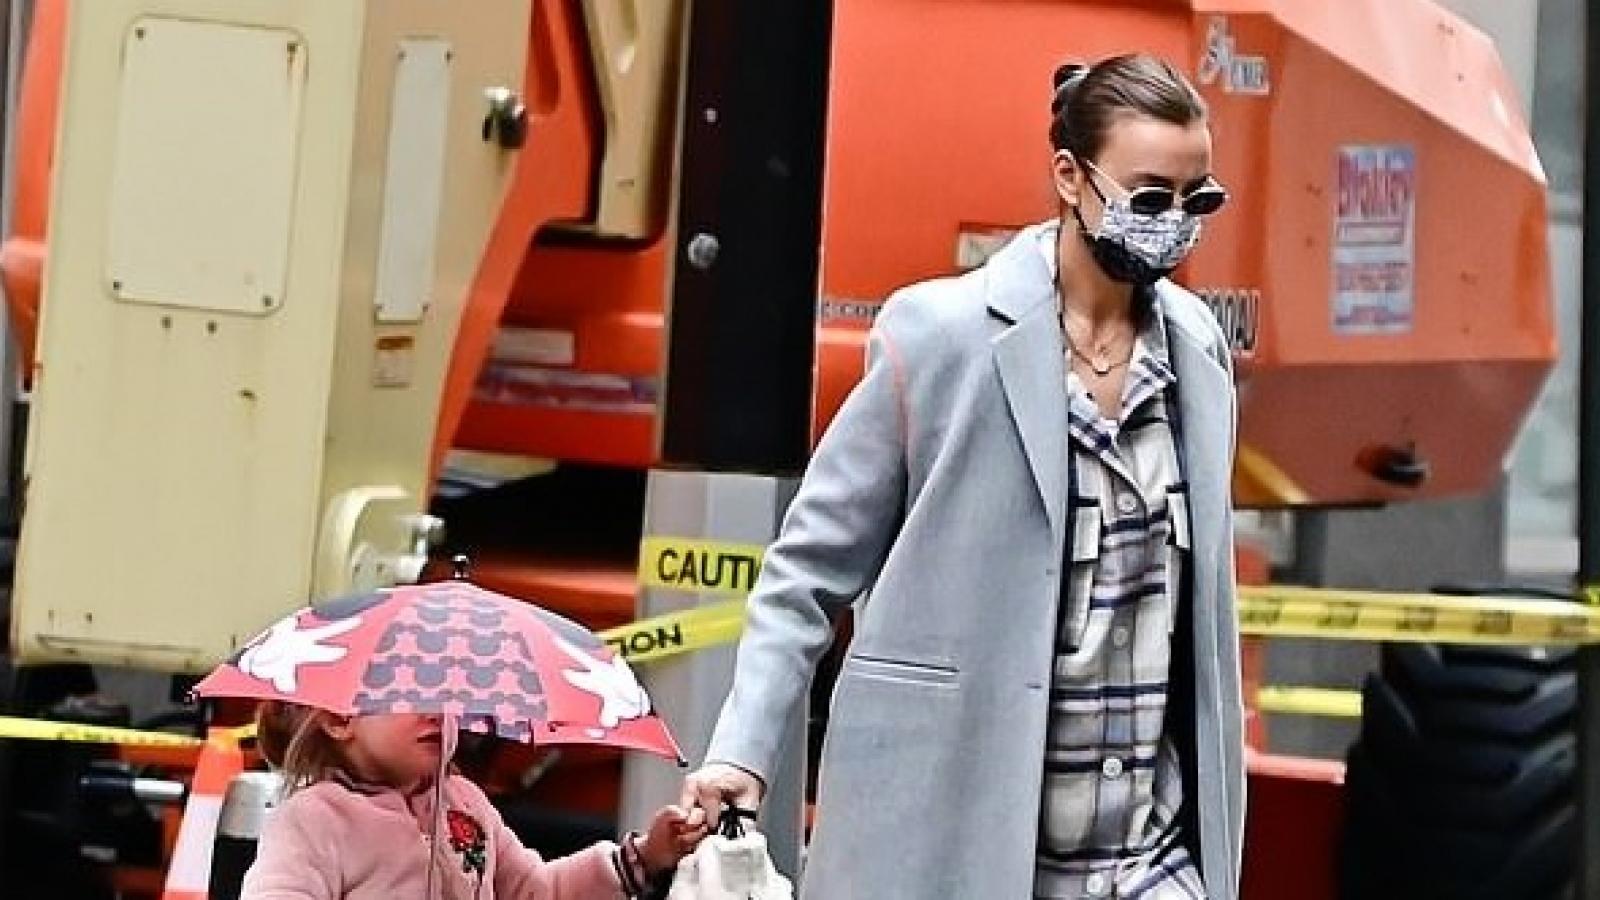 Siêu mẫu Irina Shayk sành điệu đưa con gái cưng đi chơi